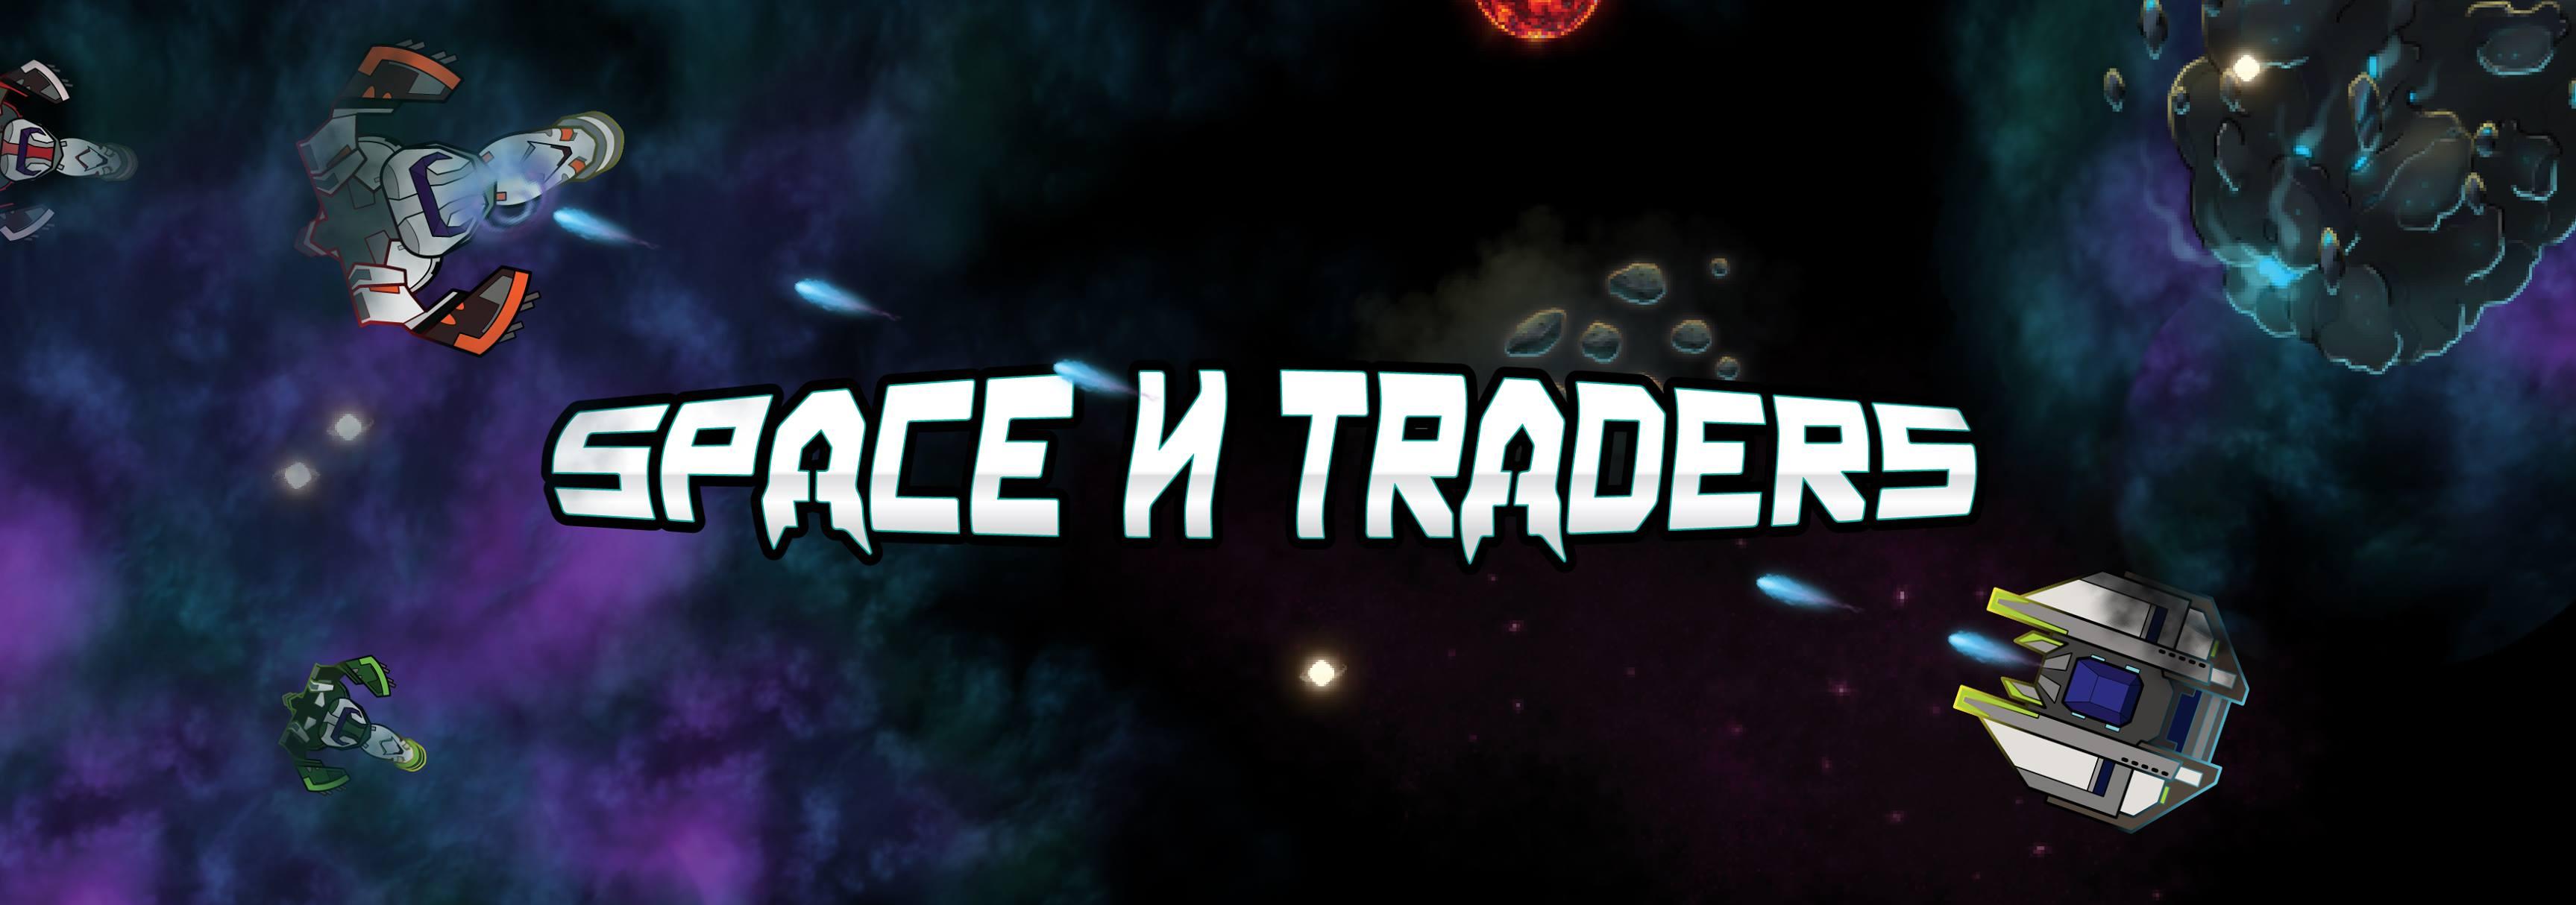 Space N Traders Banner